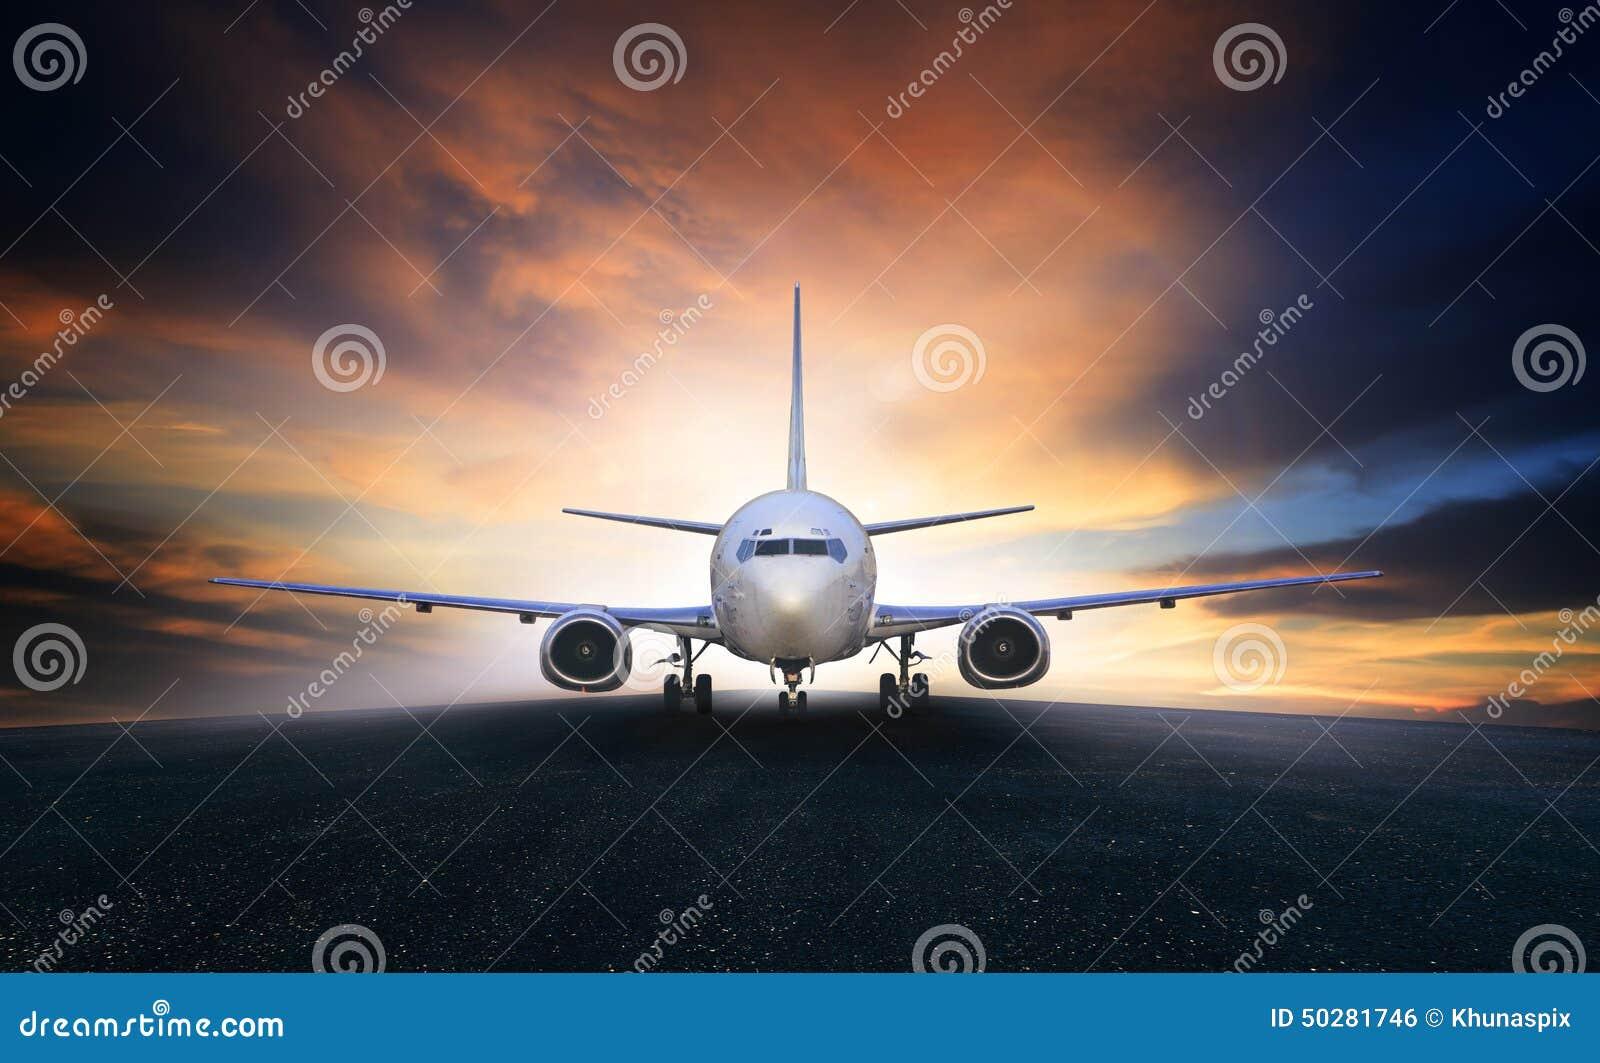 Plano de ar que prepara-se para decolar no uso das pistas de decolagem do aeroporto para o ar t